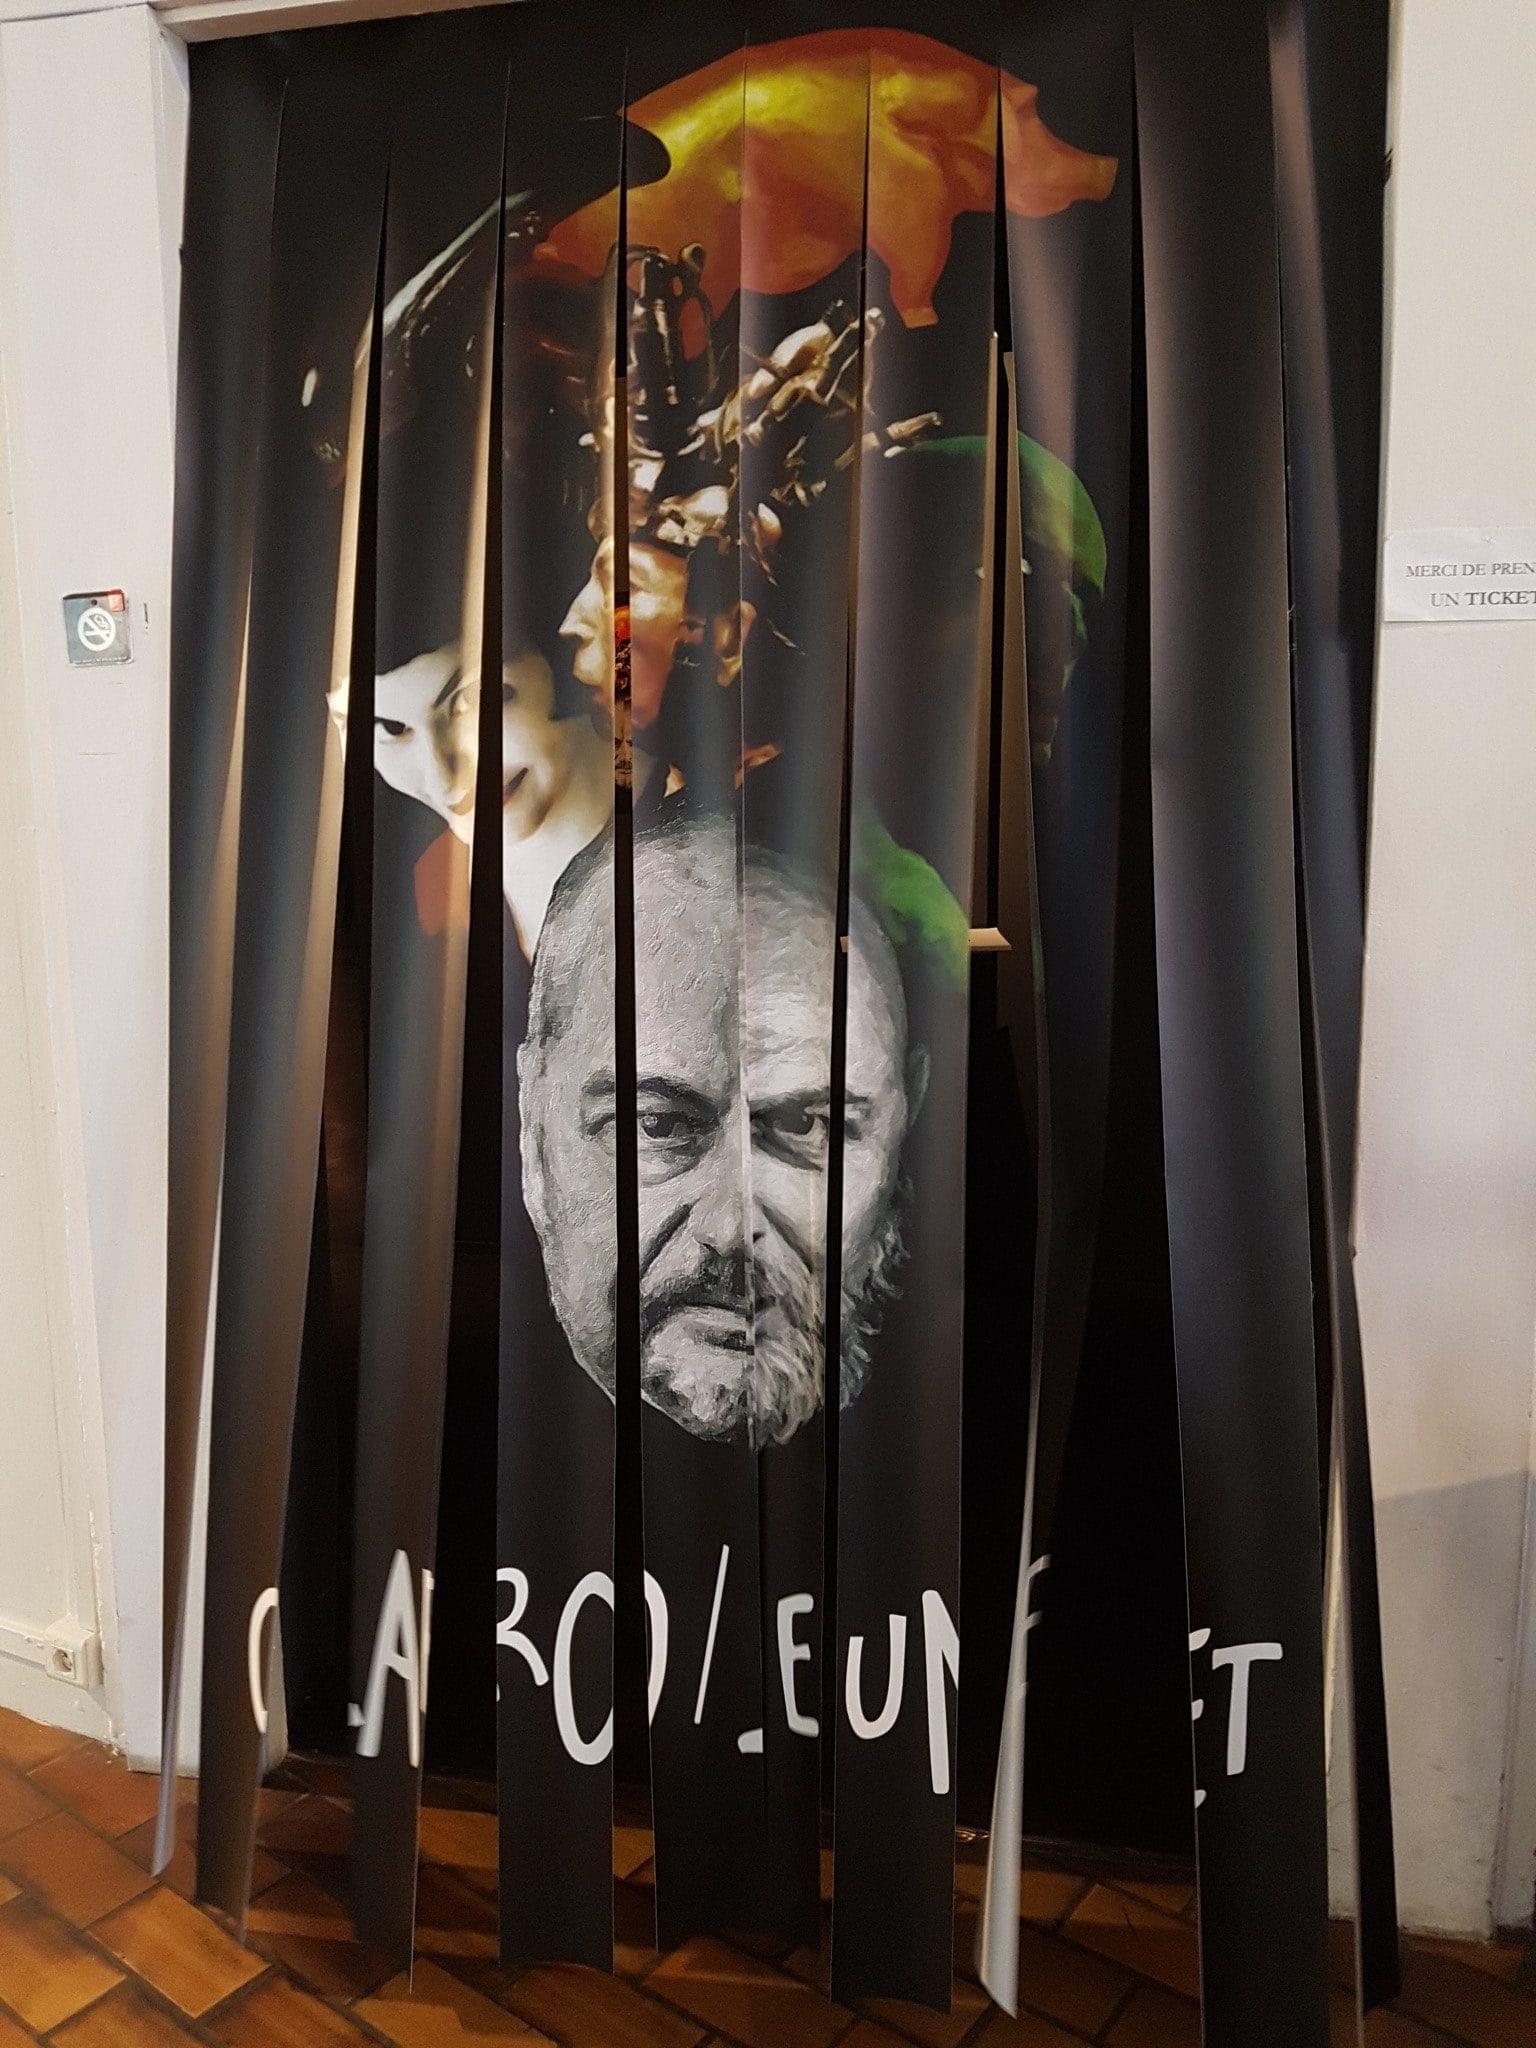 exposition Caro Jeunet La Halle Saint Pierre image-2